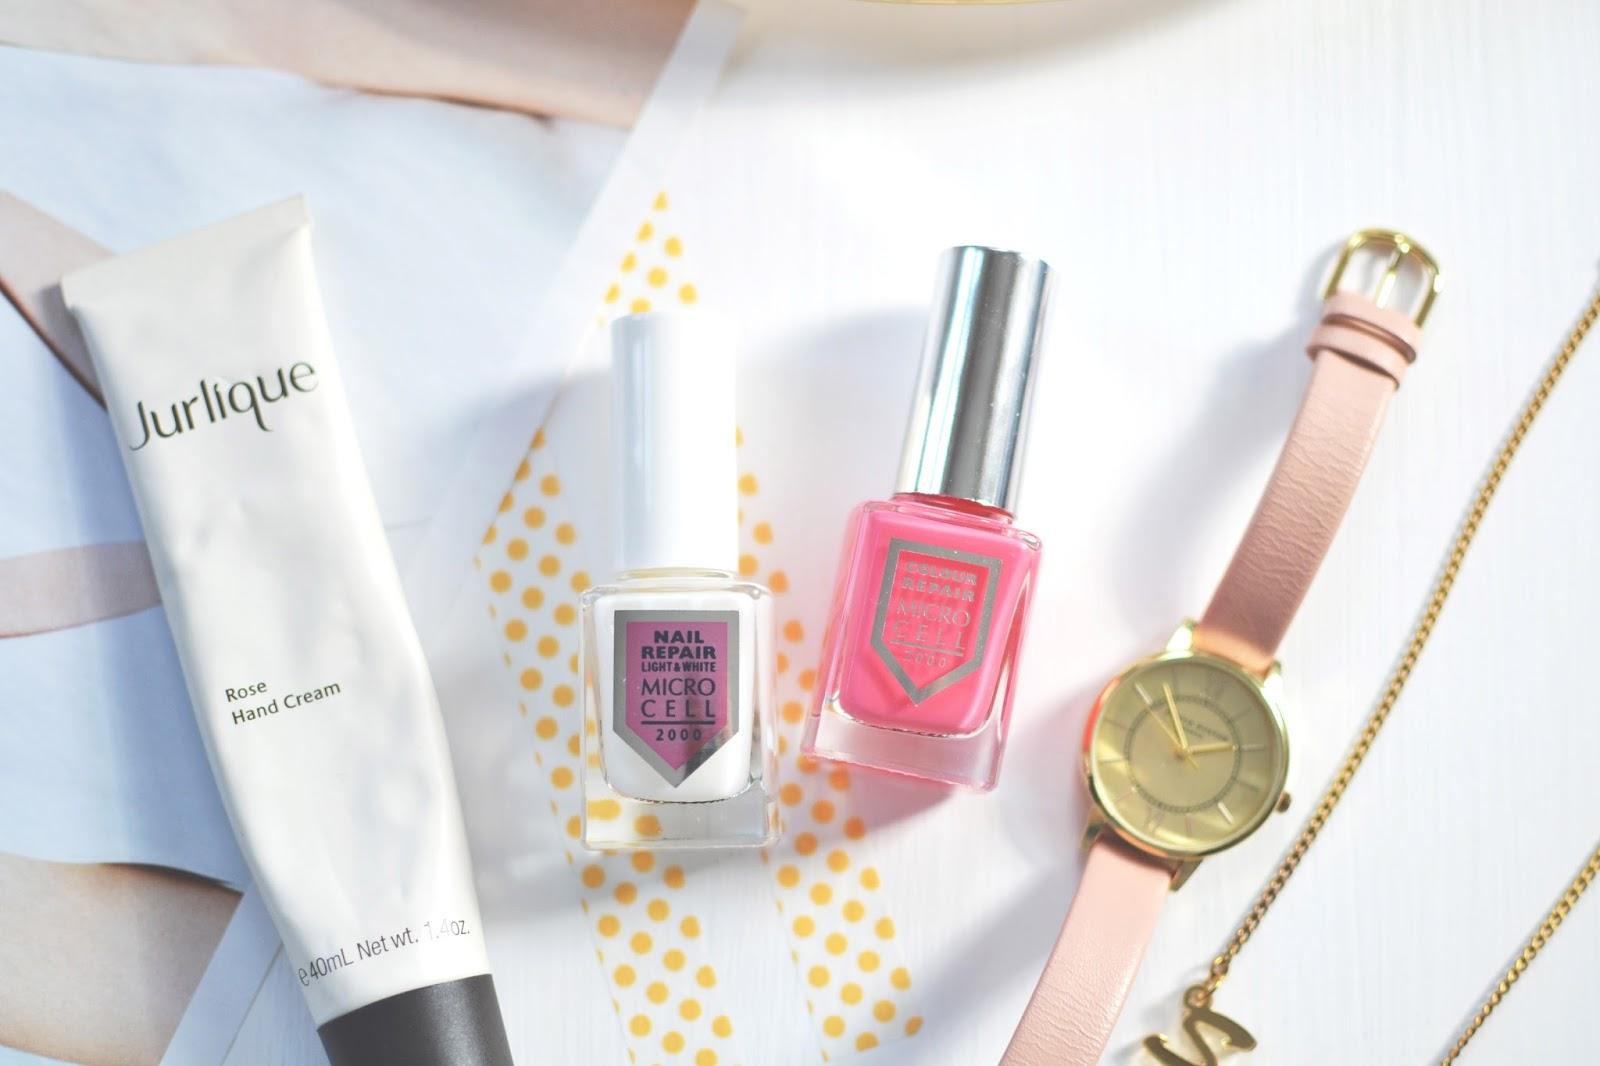 microcell nail polish, nail repair